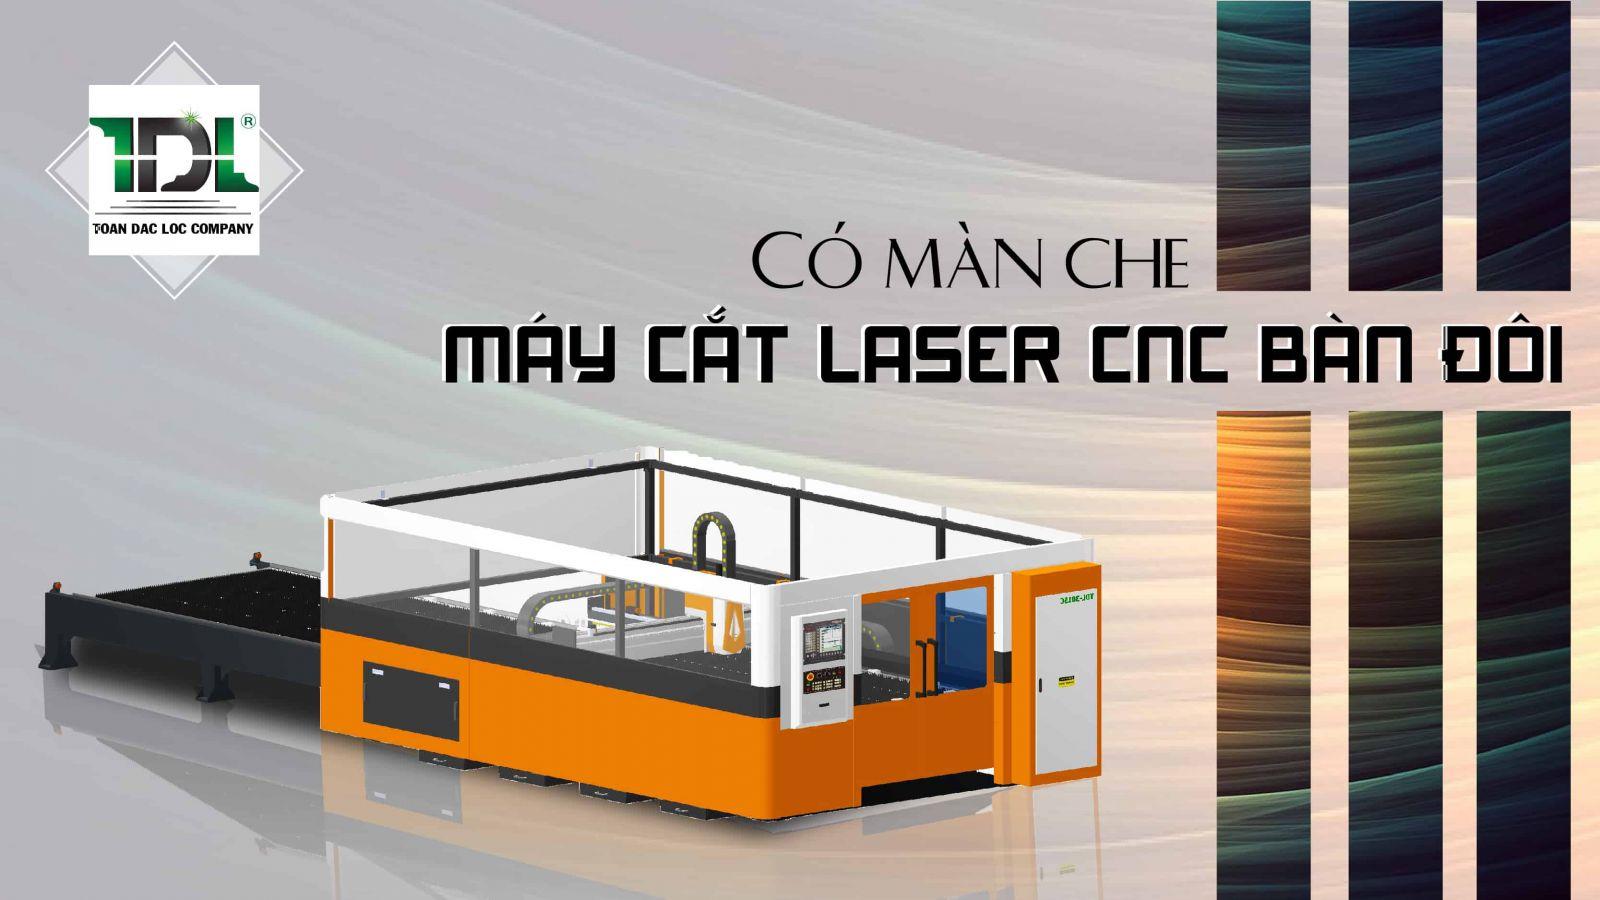 máy cắt laser bàn đôi